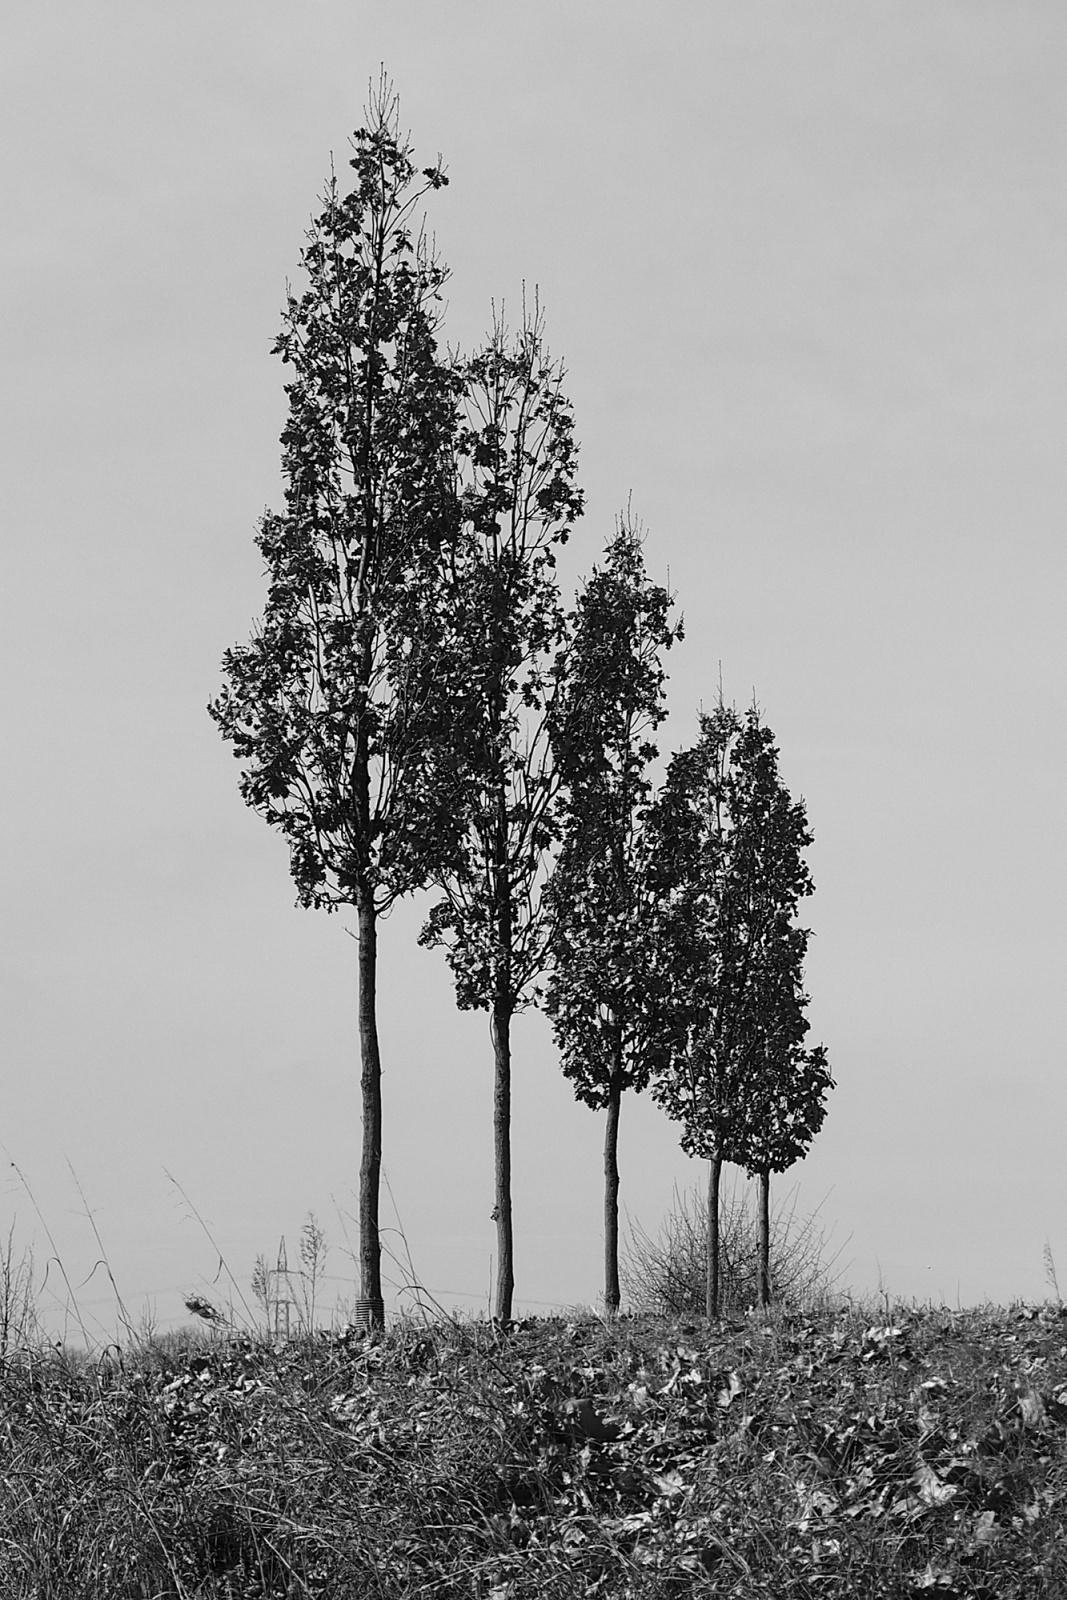 alberi solitari